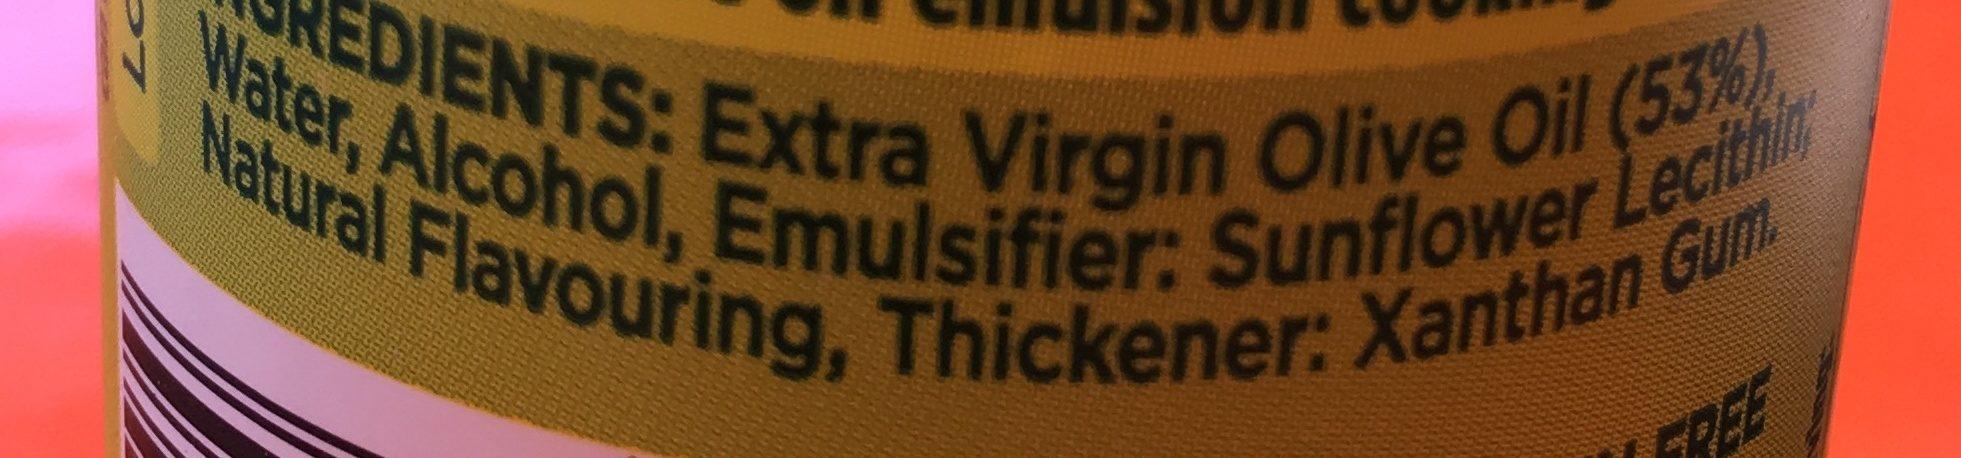 Extra Virgin Olive Oil Spray - Ingrediënten